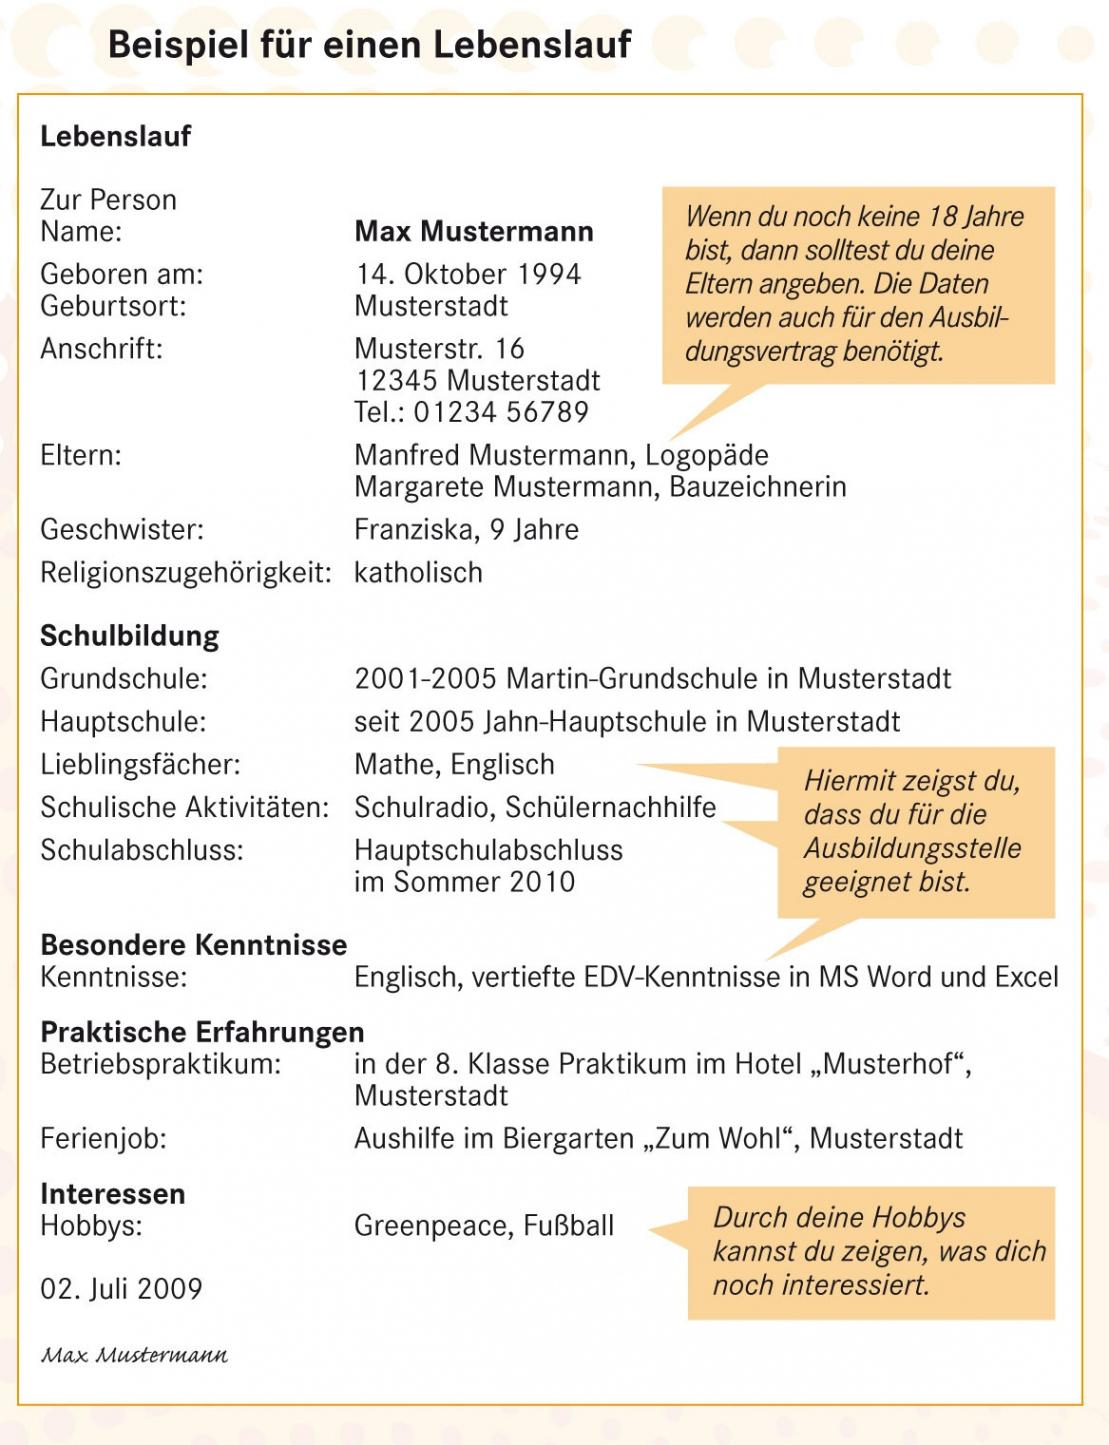 Eine Probe von  16+ Lebenslauf Max Mustermann  Iaaparlington Lebenslauf Vorlage Schüler Max Mustermann